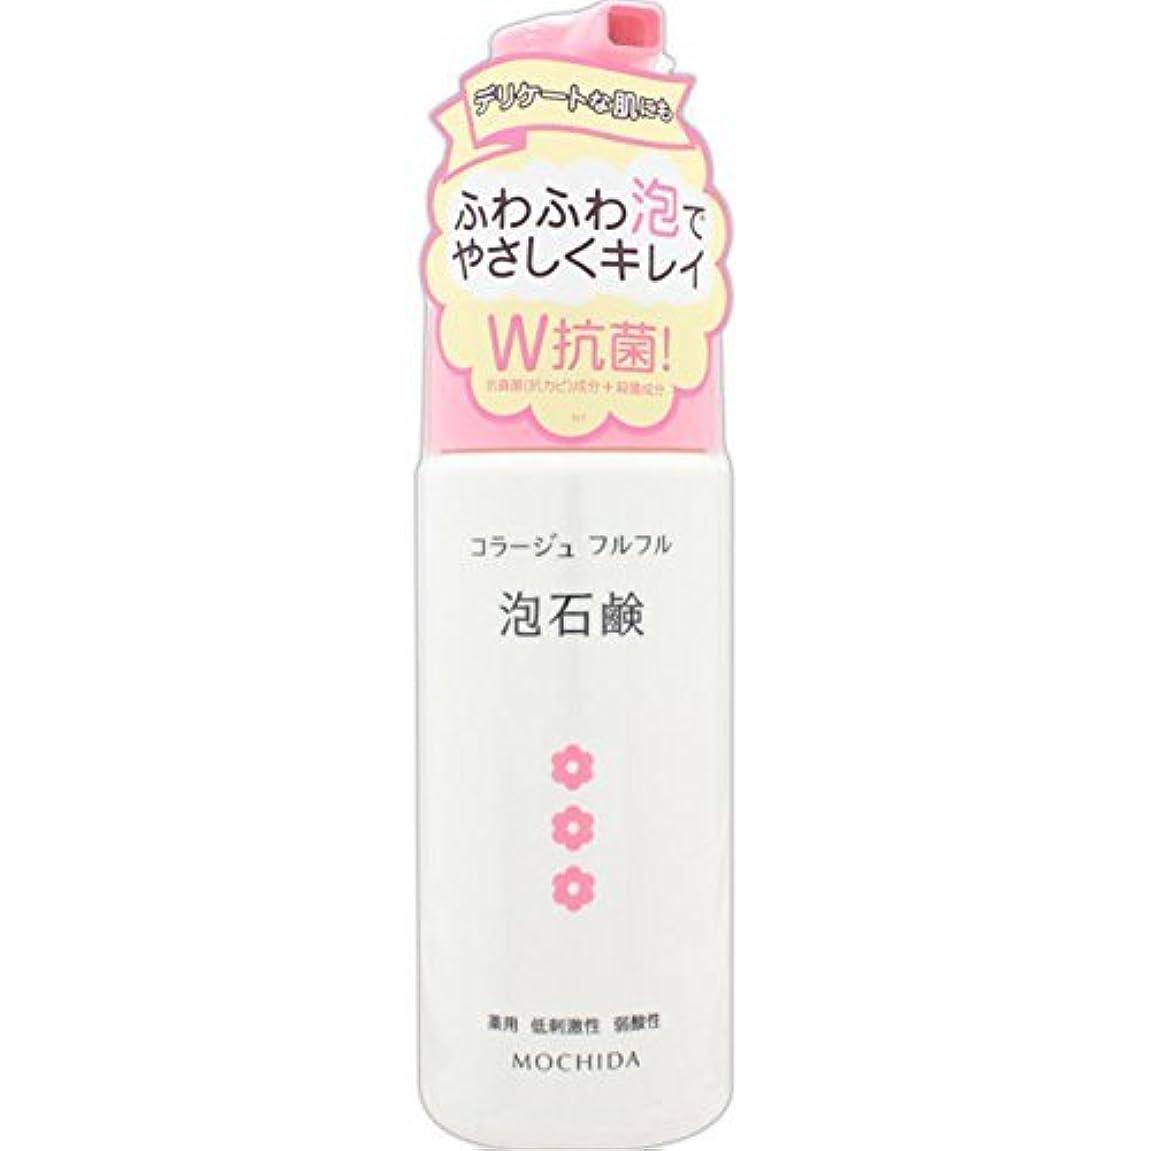 コラージュフルフル 泡石鹸 ピンク 150mL (医薬部外品) ×10